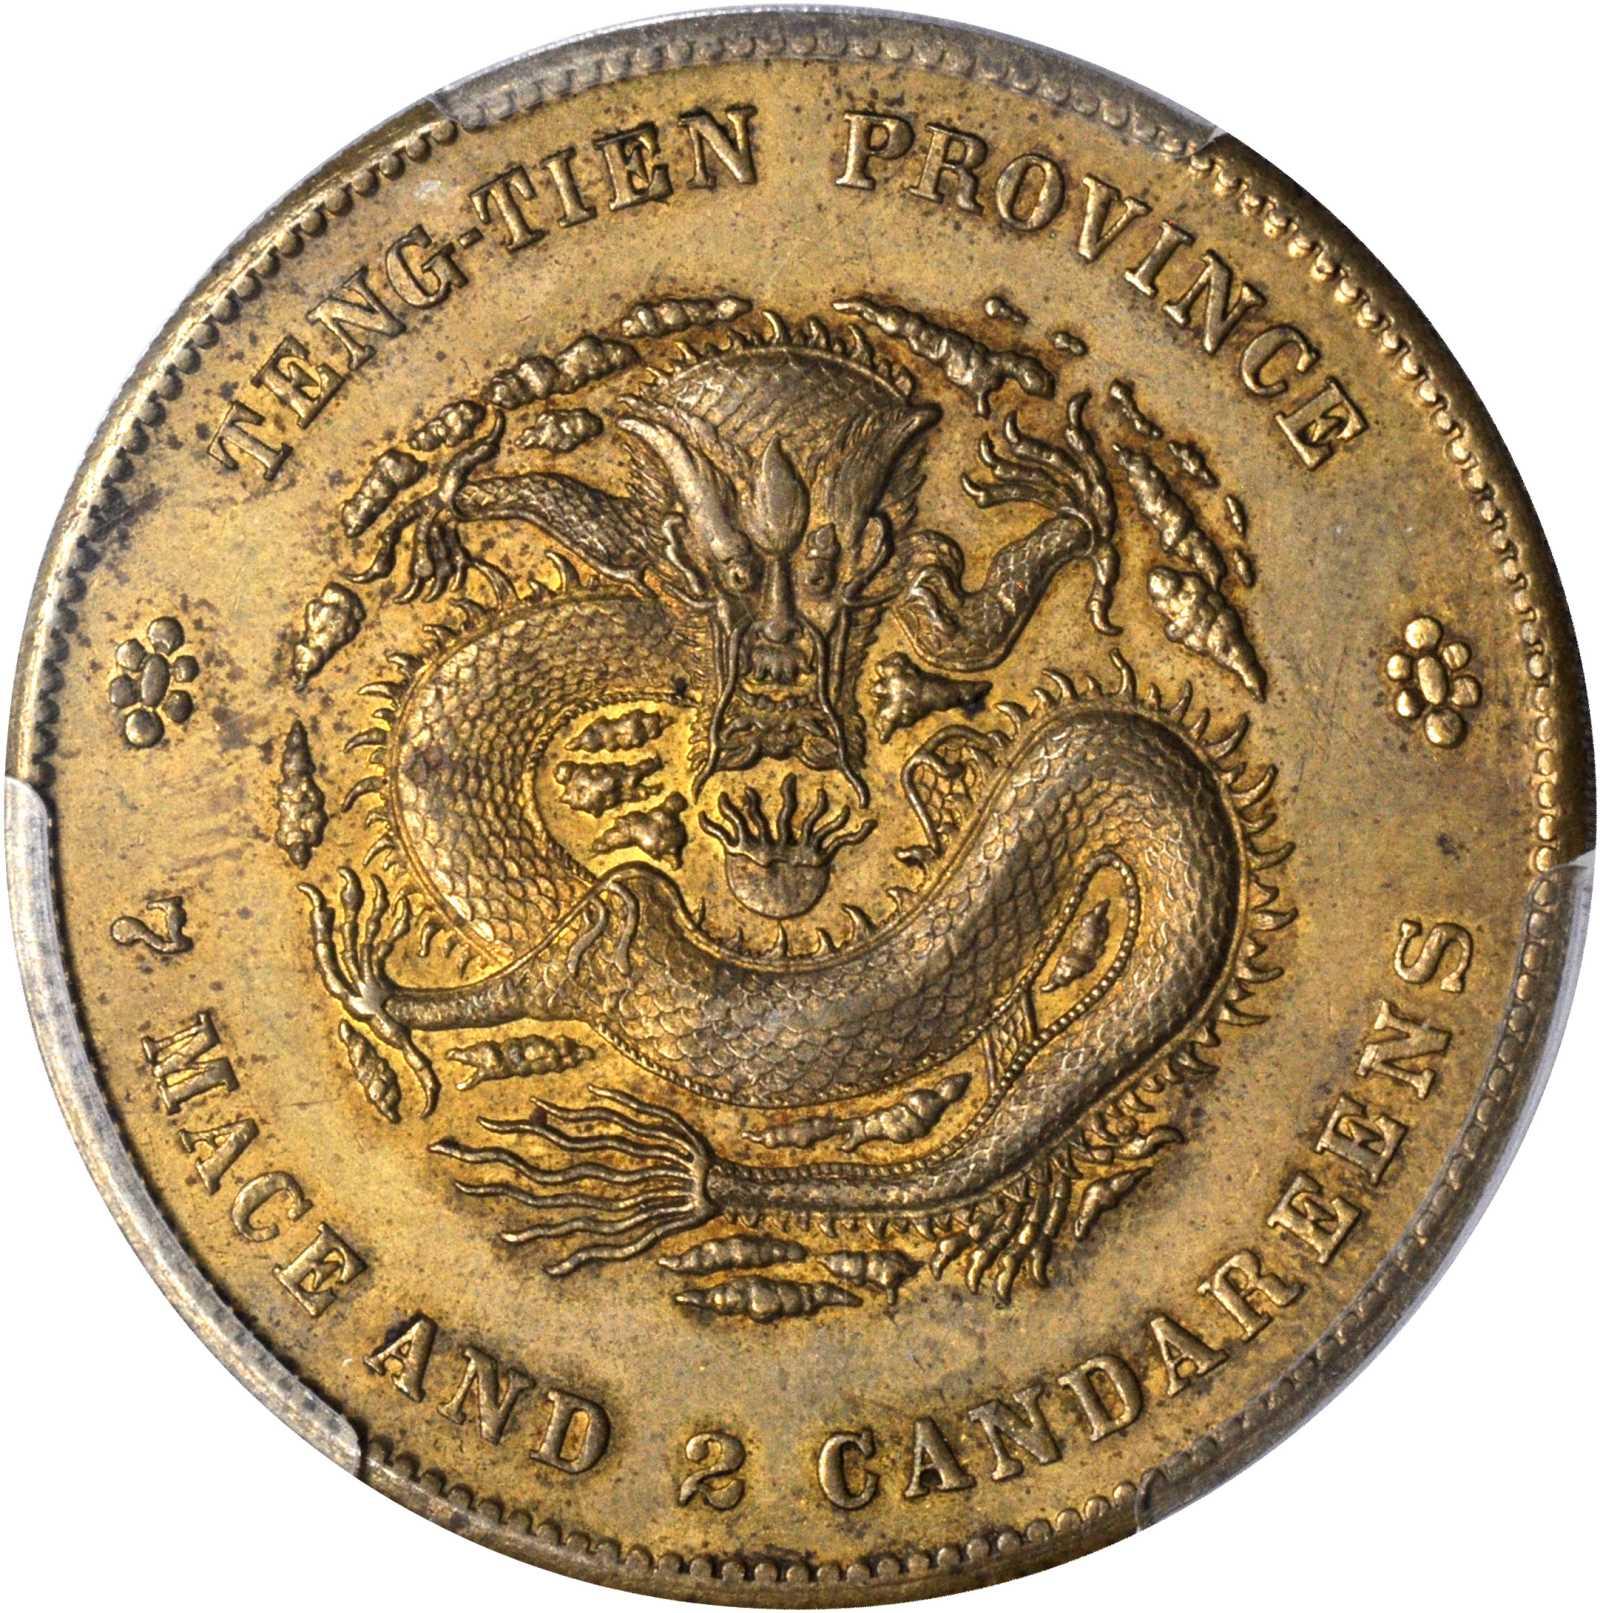 PCGS SP 62光绪二十三年奉天省造一圆黄铜样币